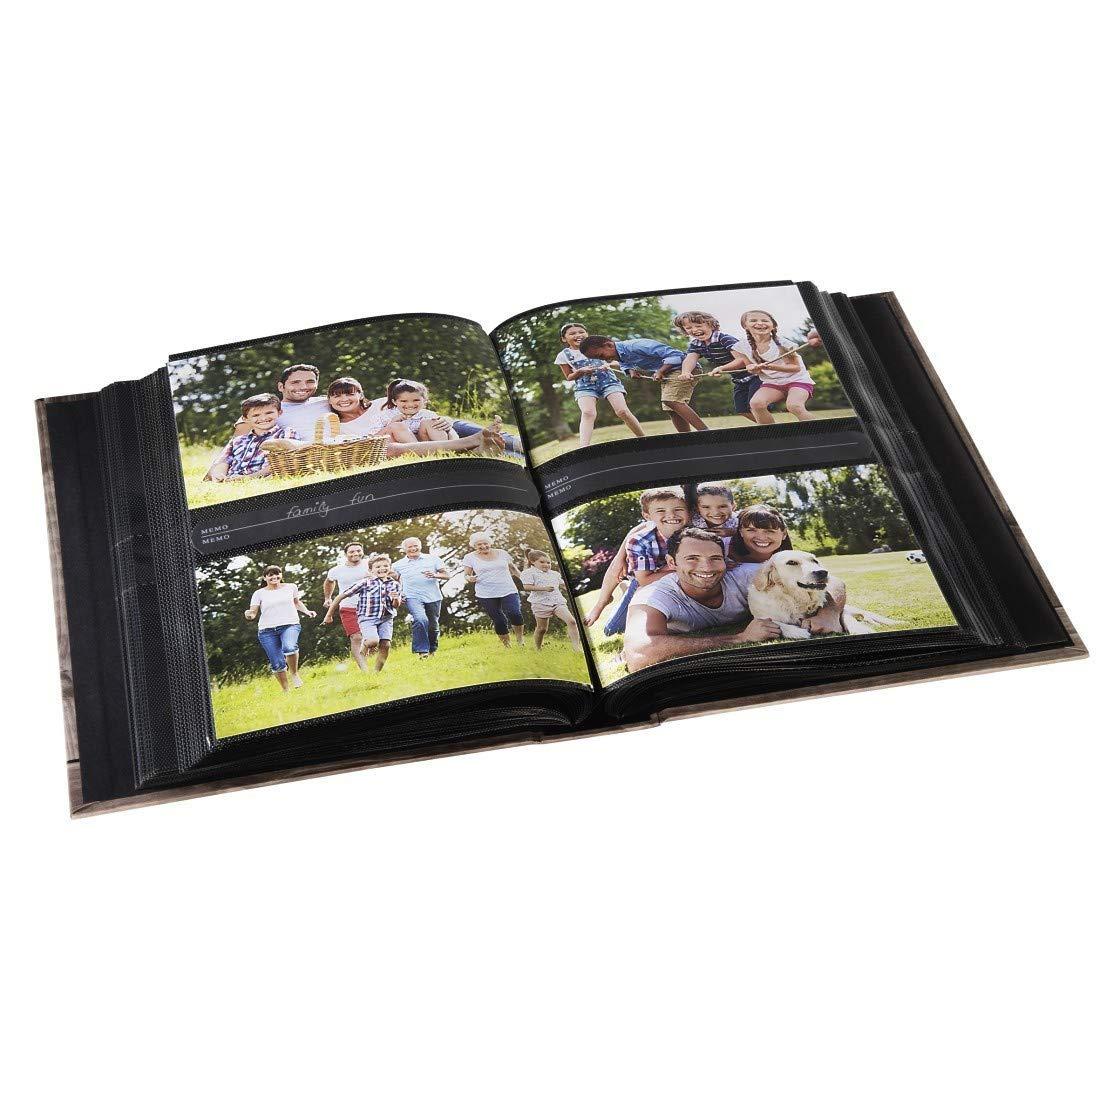 /Álbum de fotograf/ía , 190 mm Hama Batzi Marr/ón /álbum de Foto y Protector s Marr/ón, 100 Hojas, 10 x 15 cm, 200 Hojas, 1 Pieza